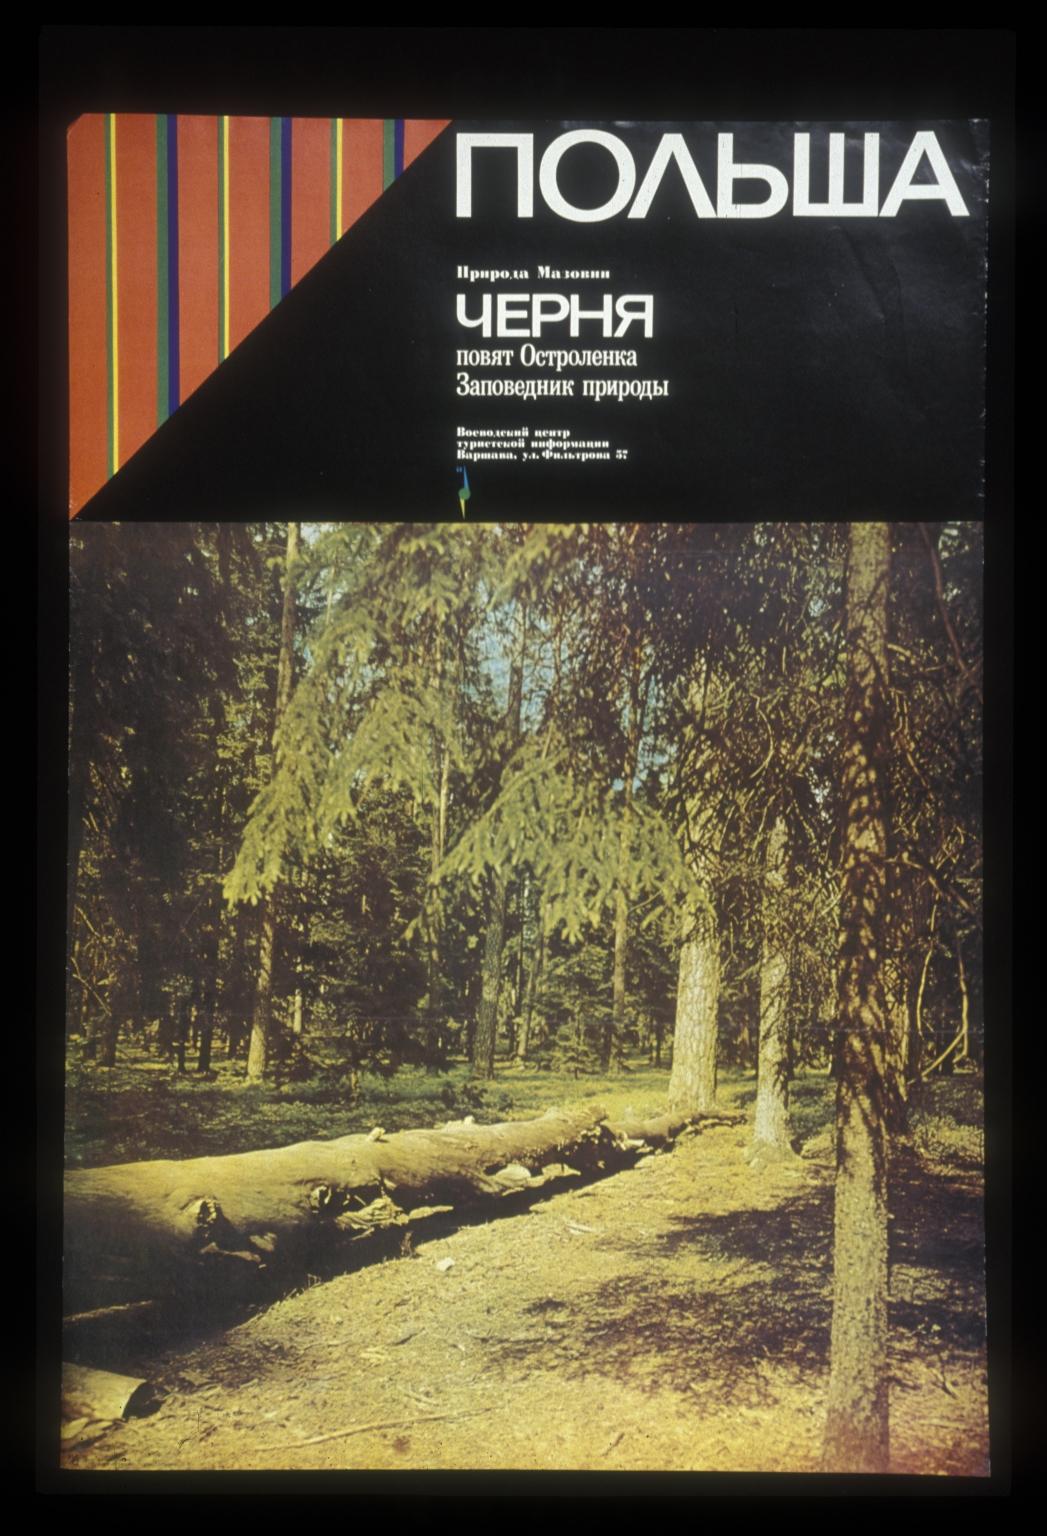 Polsha: priroda mazovii, Chernia, poviat Ostrolenka, zapovednik prirodi, Voevodskii tsentr turist skoi informtsii varshava ul filtrova 57